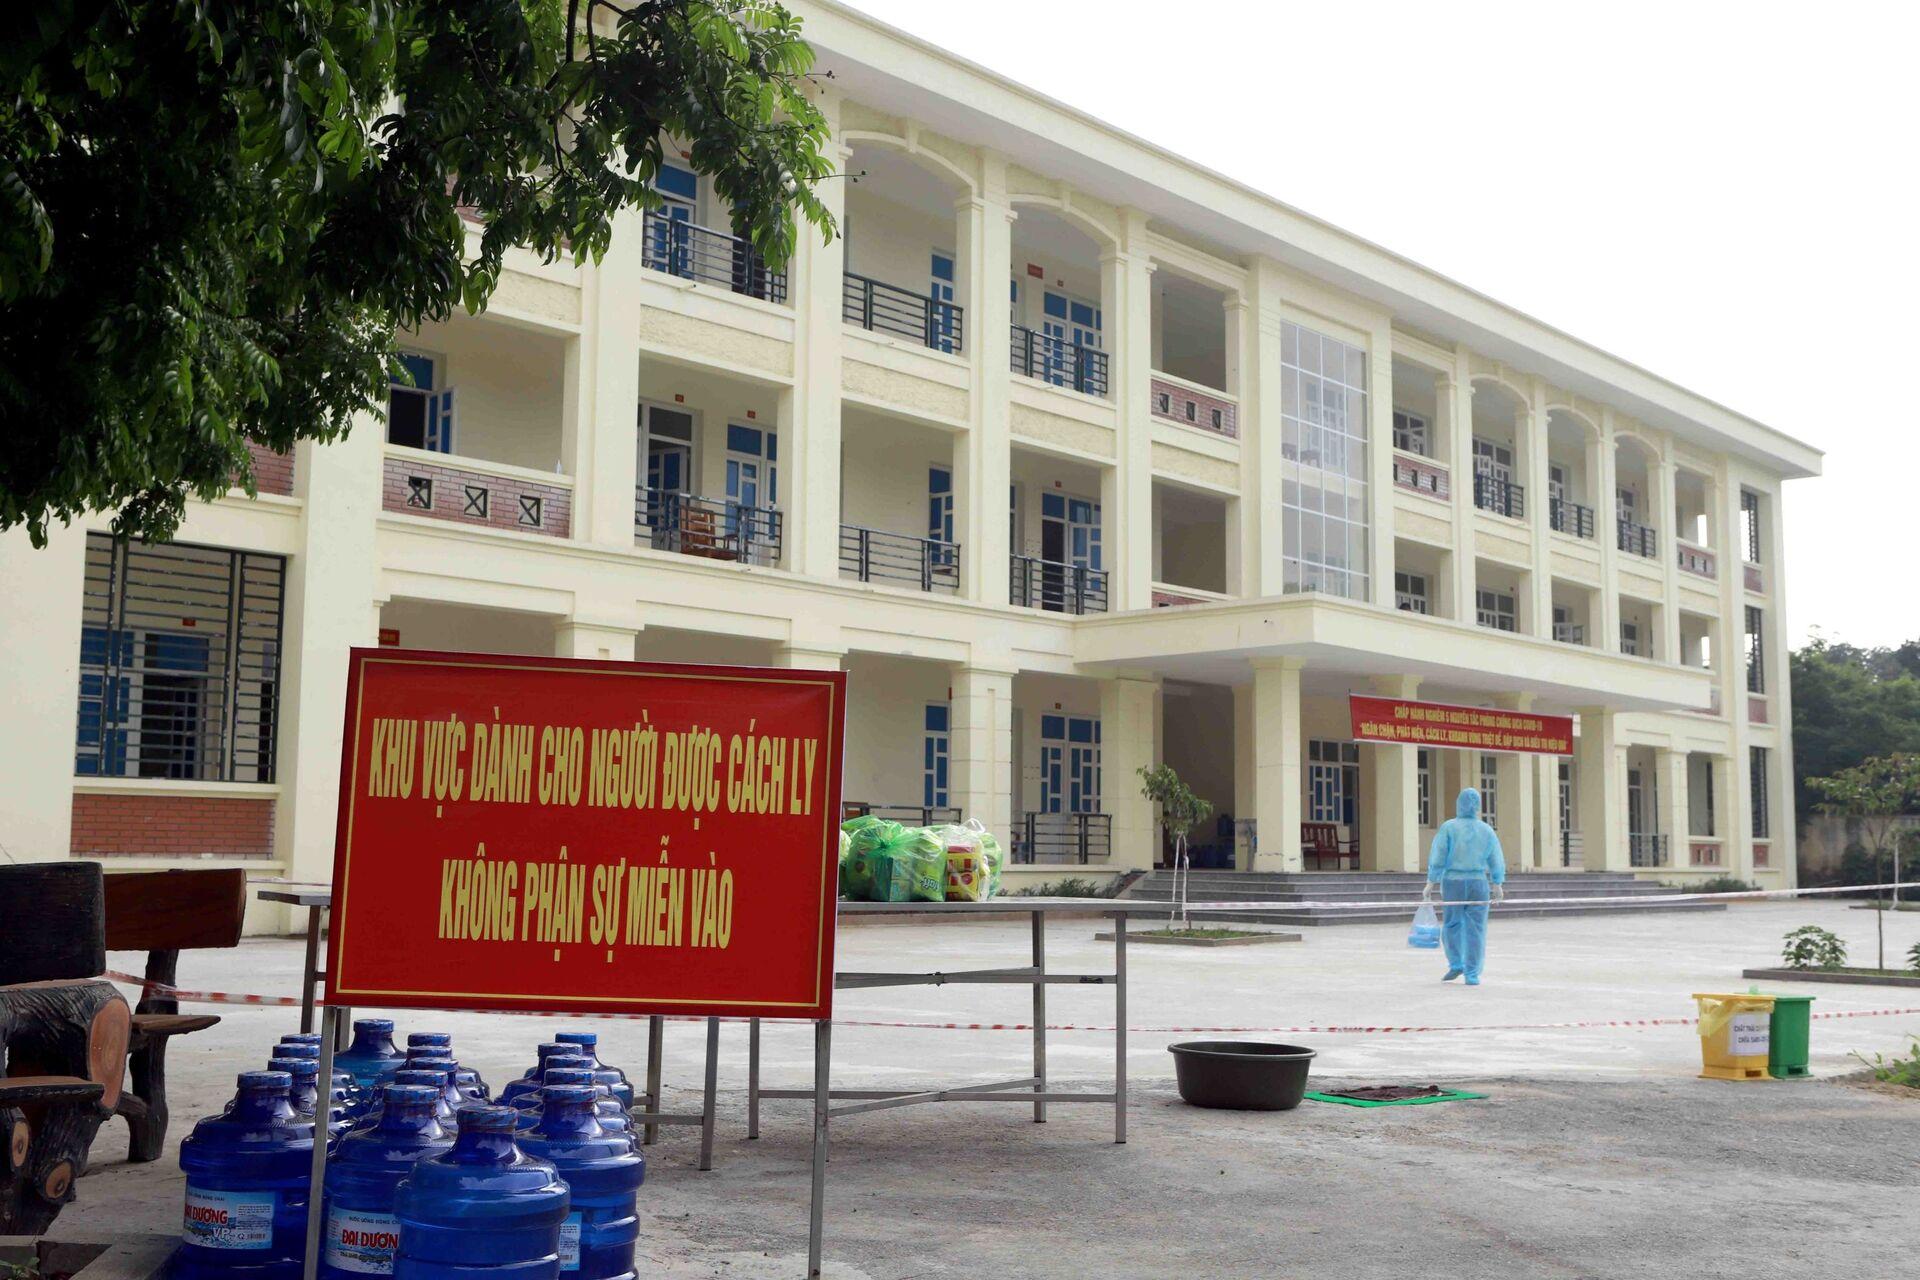 Phòng thương mại Mỹ kêu gọi Việt Nam rút ngắn hạn cách ly, cho tư nhân mua vaccine - Sputnik Việt Nam, 1920, 25.05.2021